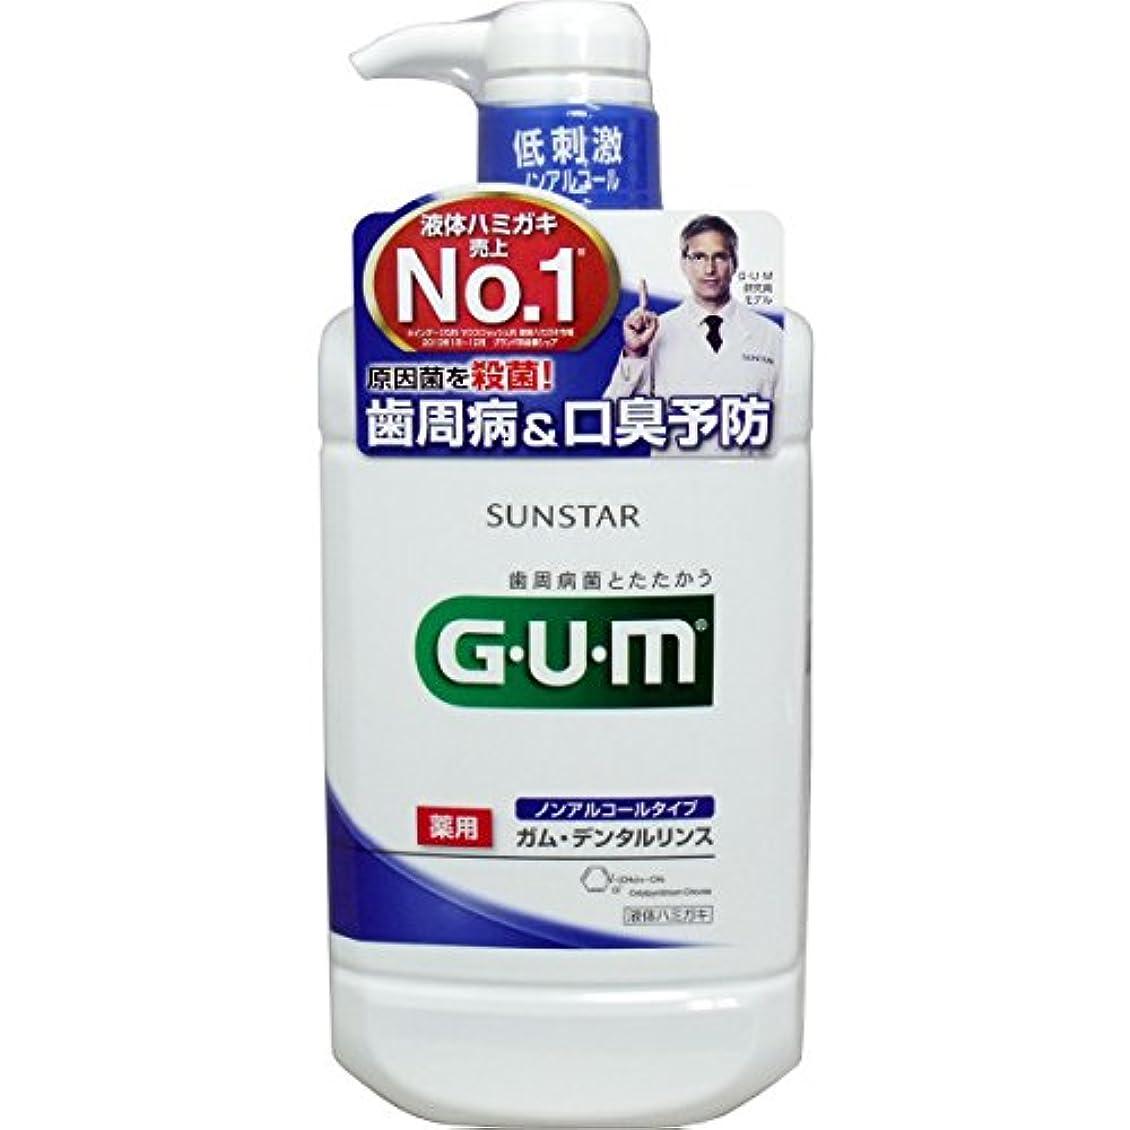 記事先史時代のティッシュ【まとめ買い】GUM(ガム)?デンタルリンス (ノンアルコールタイプ) 960mL (医薬部外品)×3個